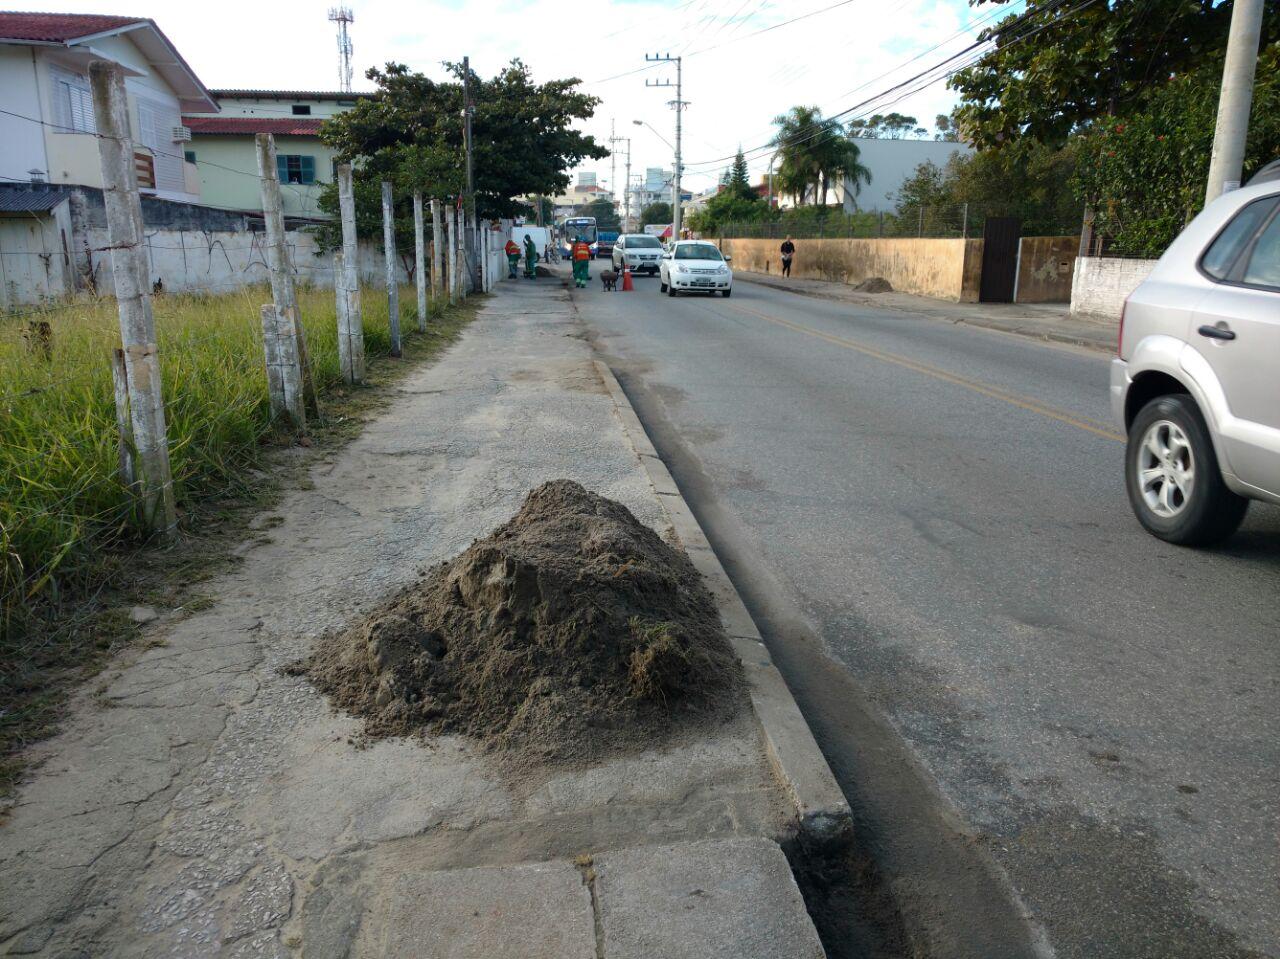 Comcap realiza limpeza pesada em ruas da Praia dos Ingleses